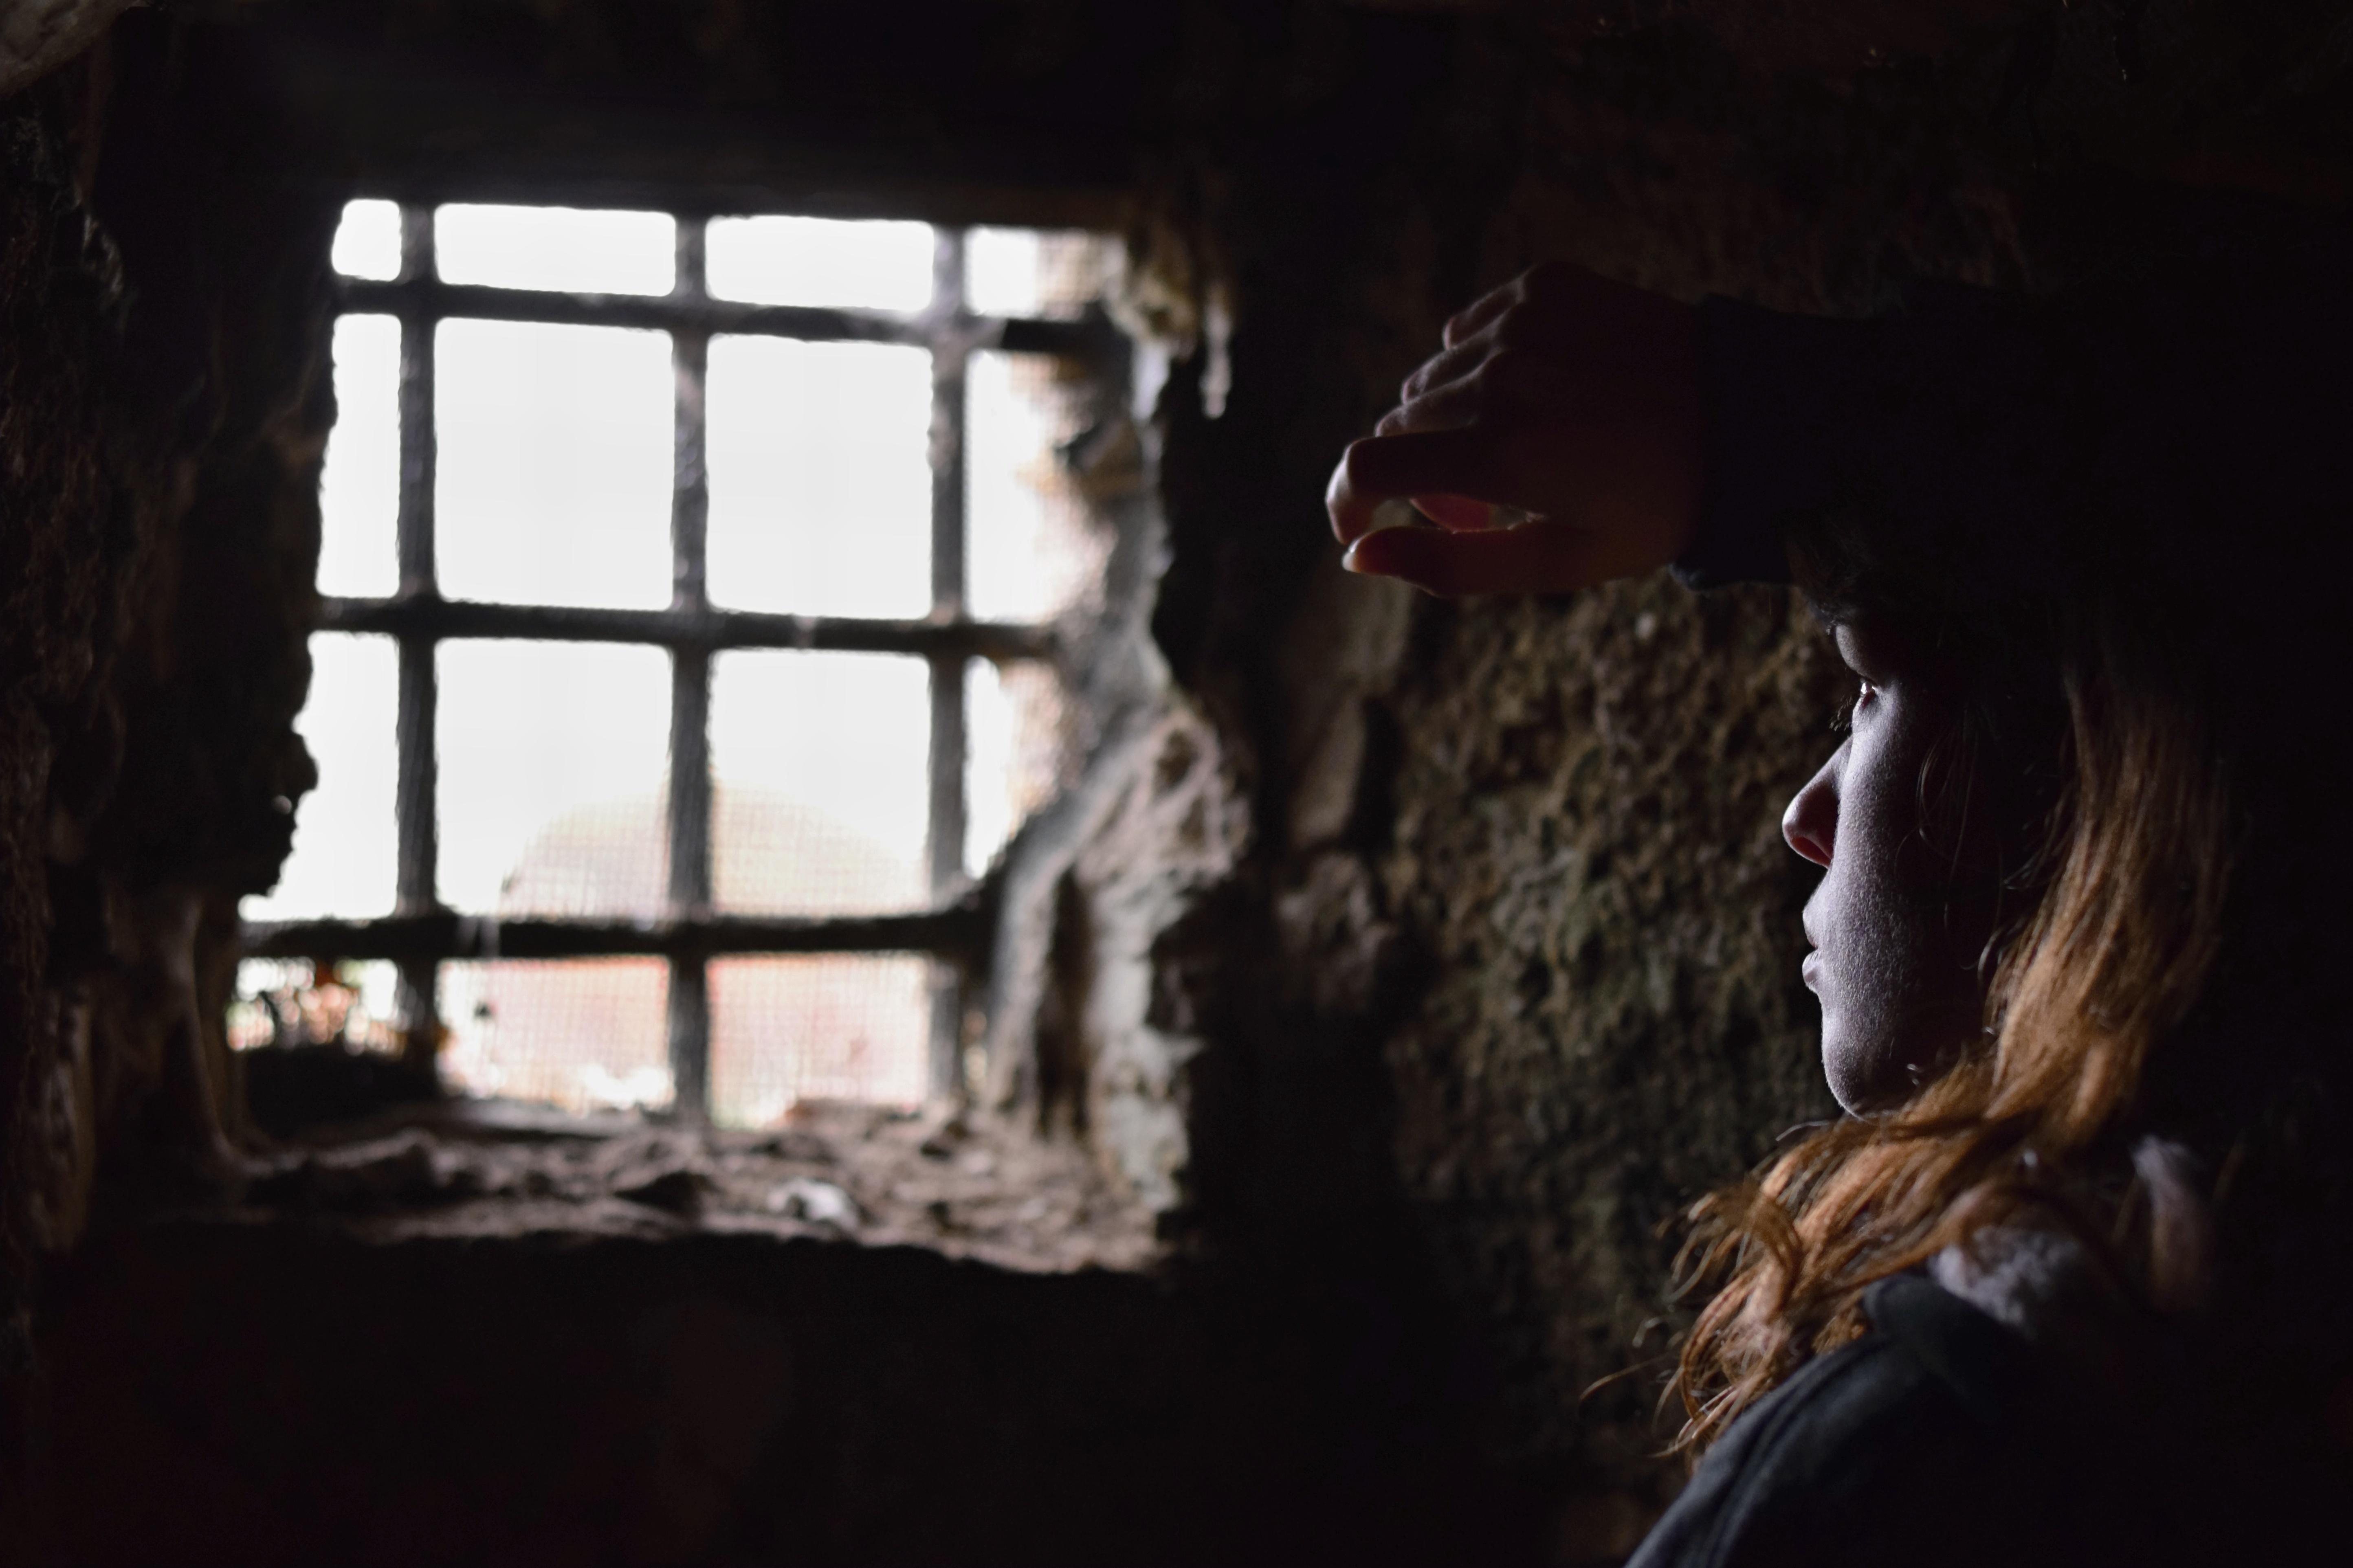 imprisoned by fear